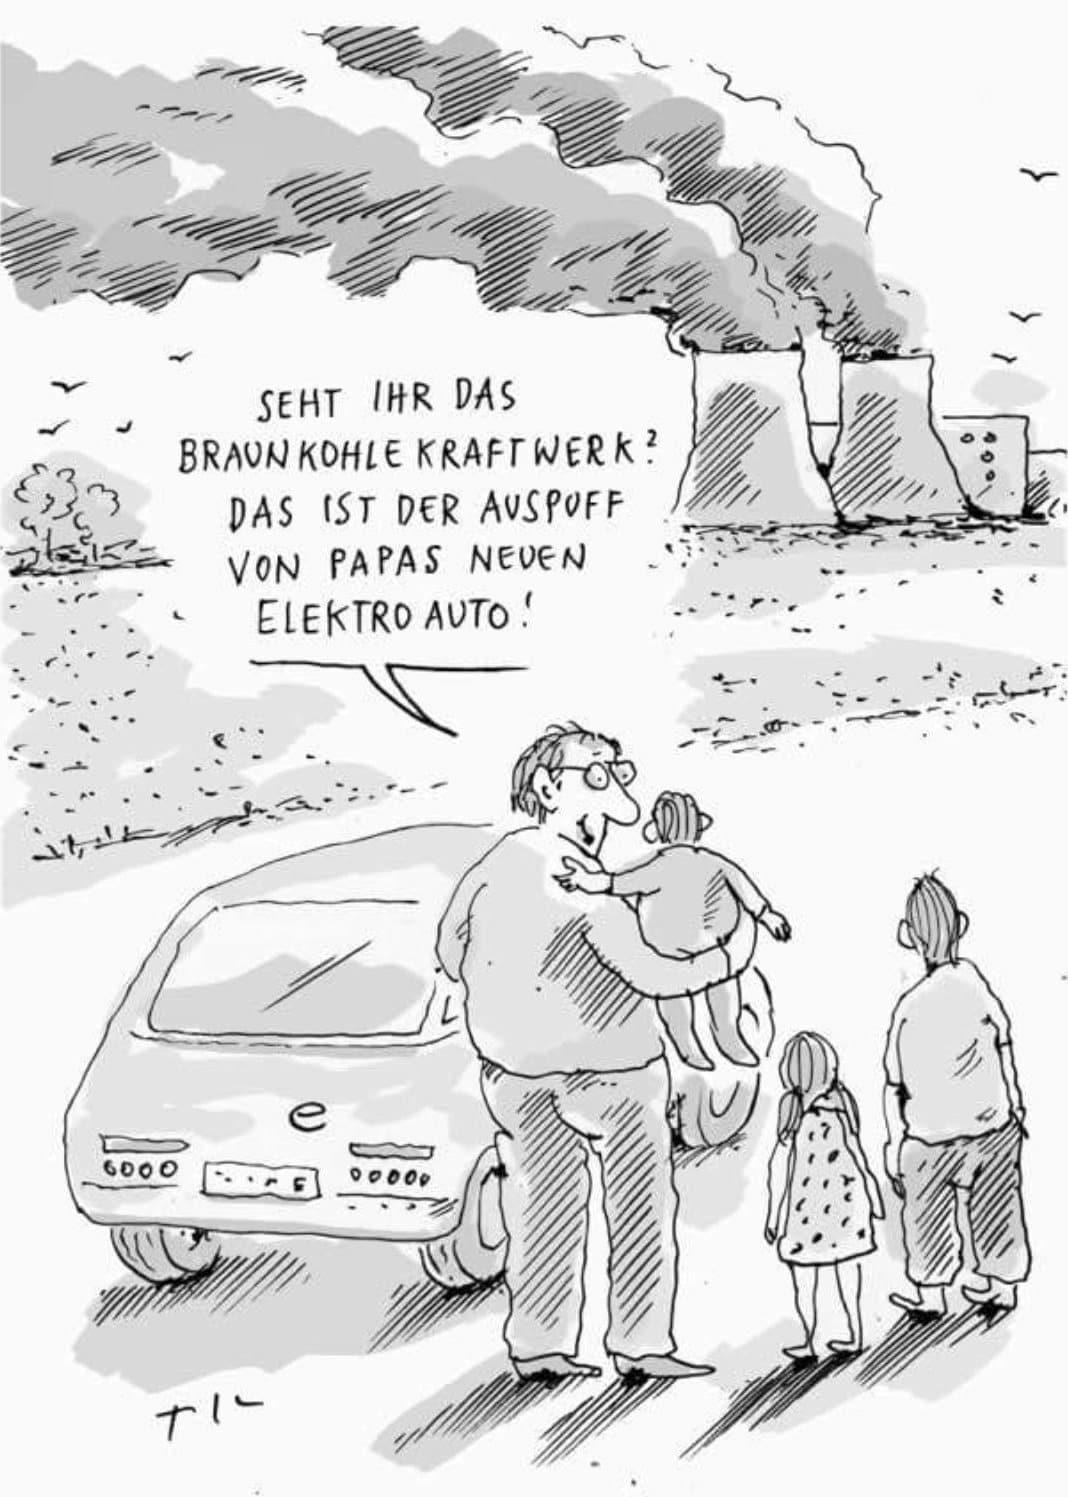 Papas Auspuff